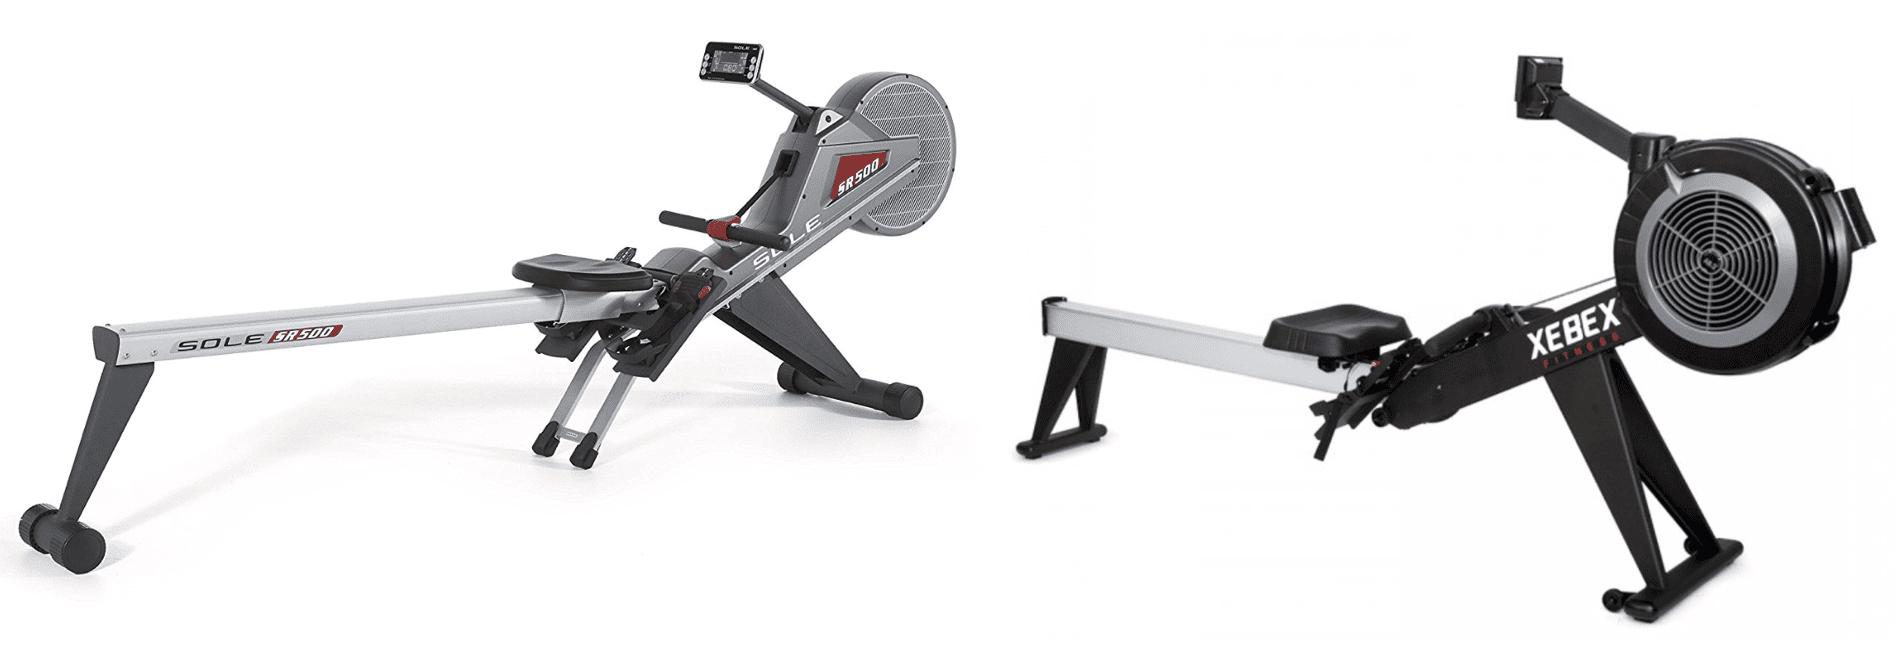 Rowing Machine Weight Capacity